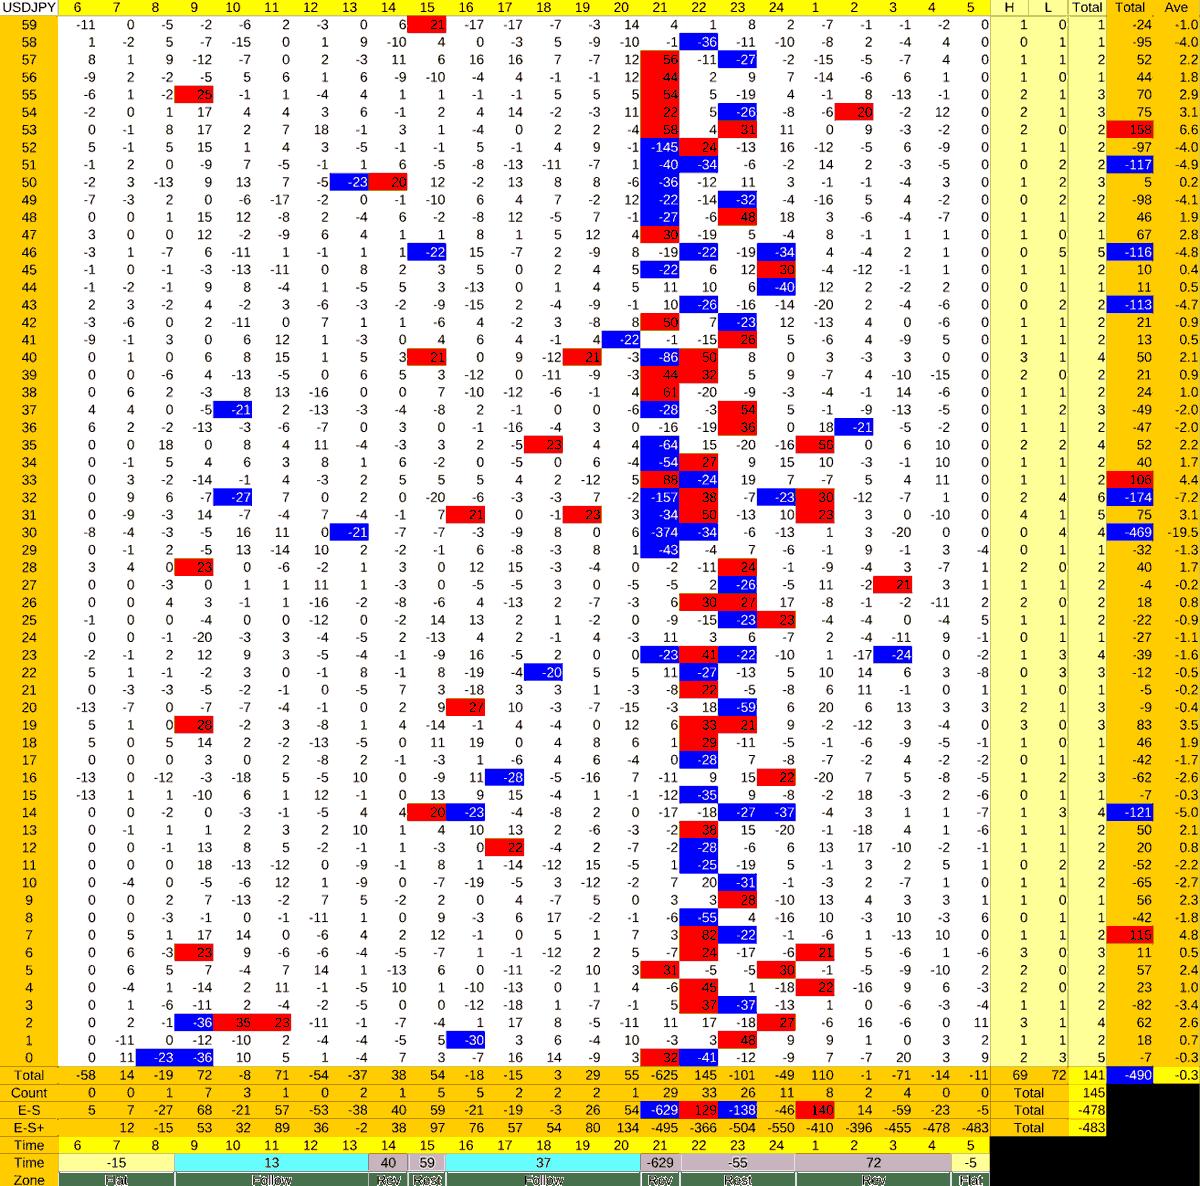 20210507_HS(1)USDJPY